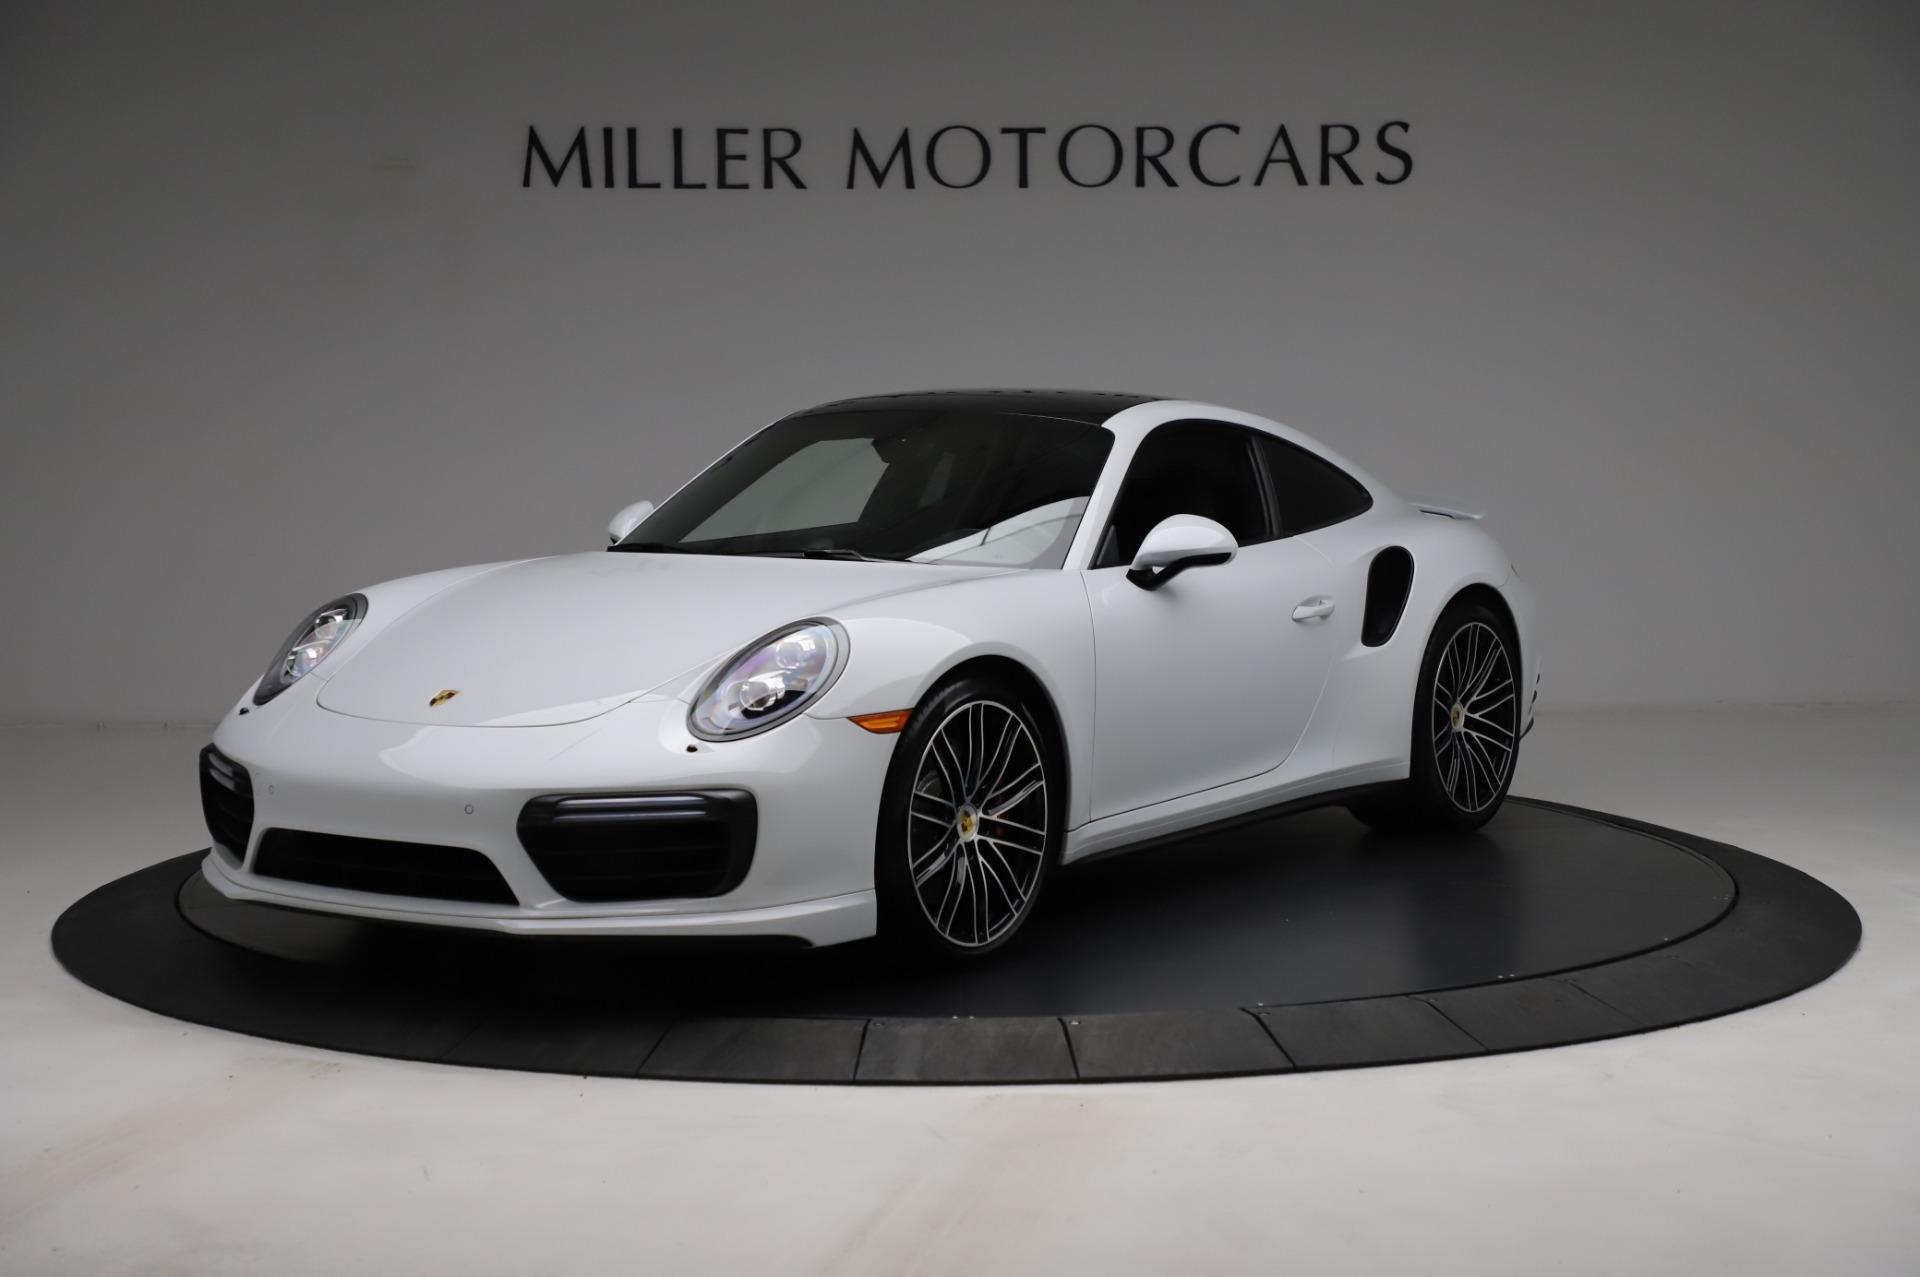 Used 2018 Porsche 911 Turbo for sale $159,990 at Bugatti of Greenwich in Greenwich CT 06830 1